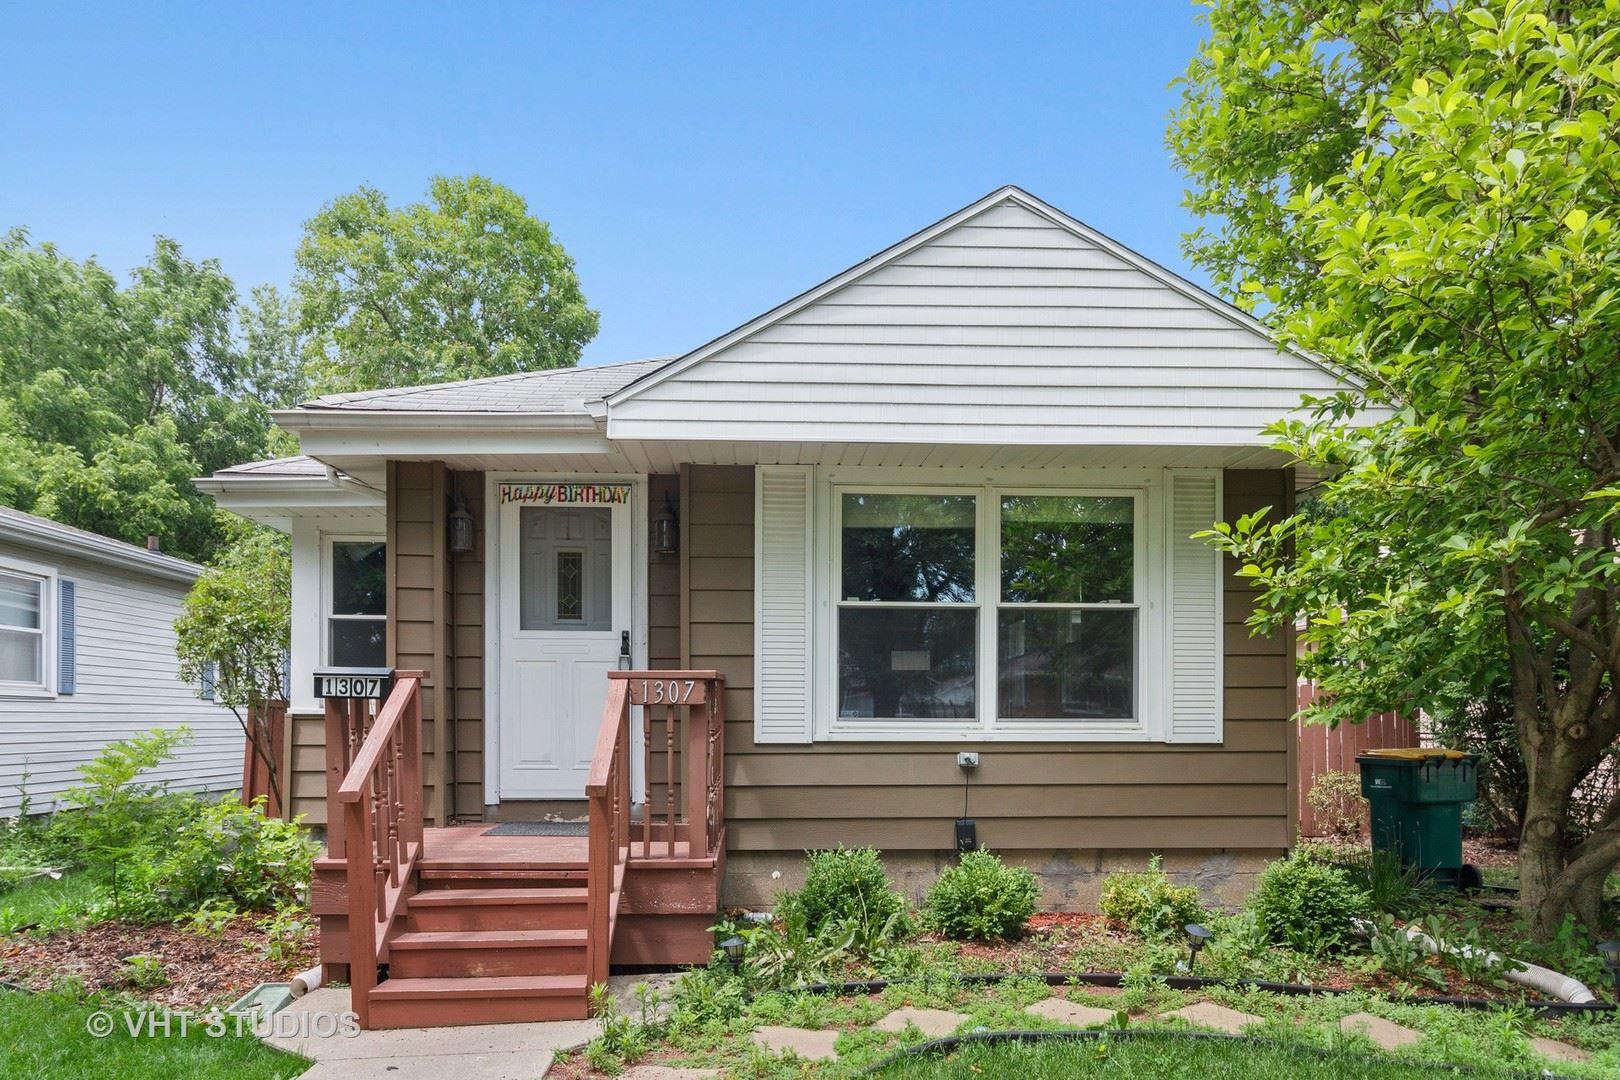 1307 Clara Avenue, Joliet, IL 60435 - #: 10747589